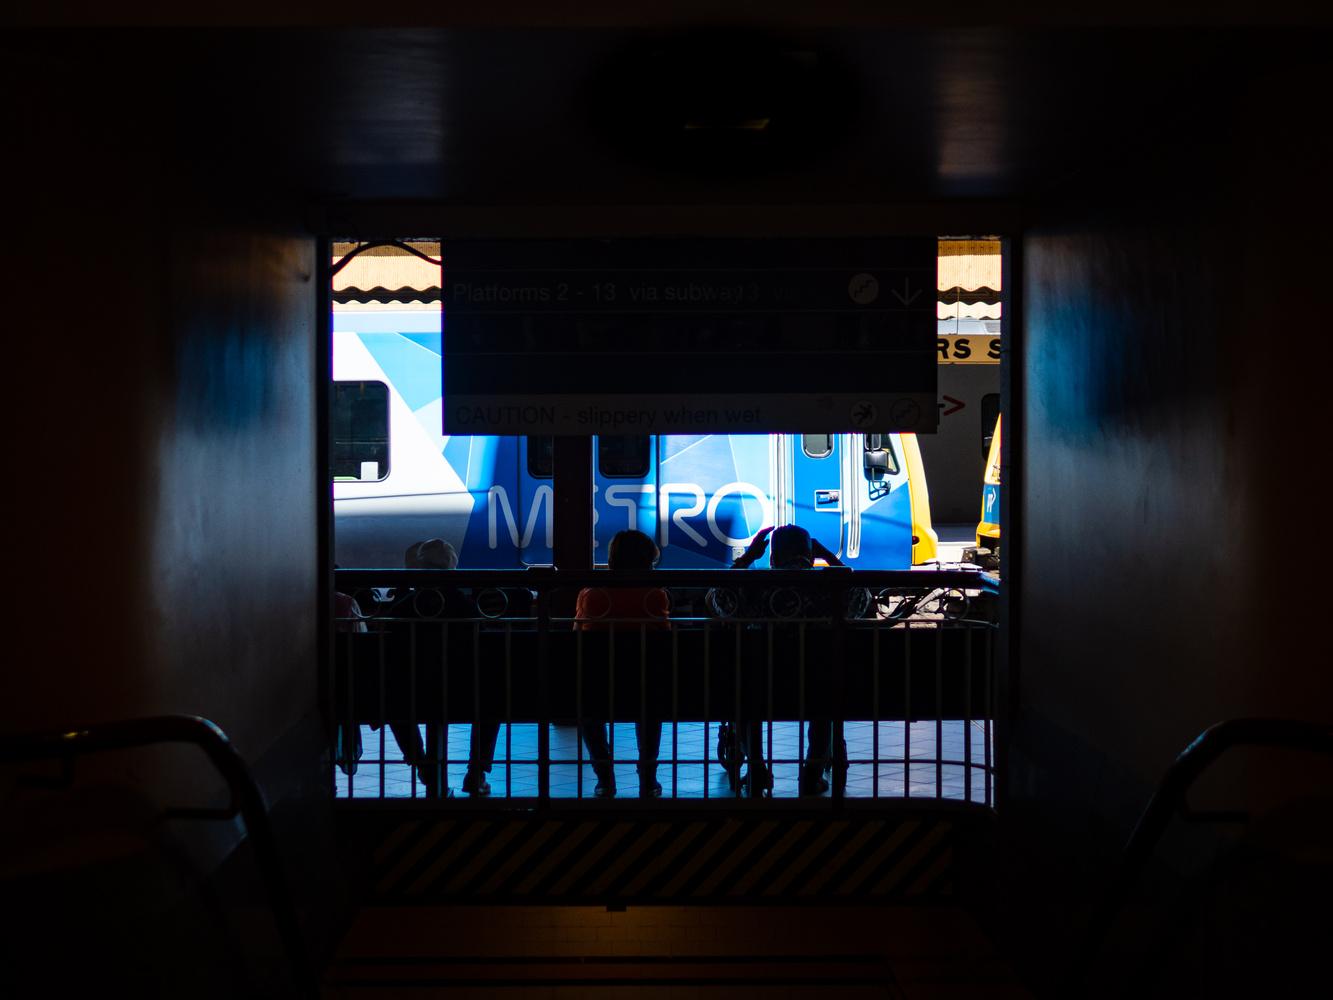 Metro train by Carl Dahren